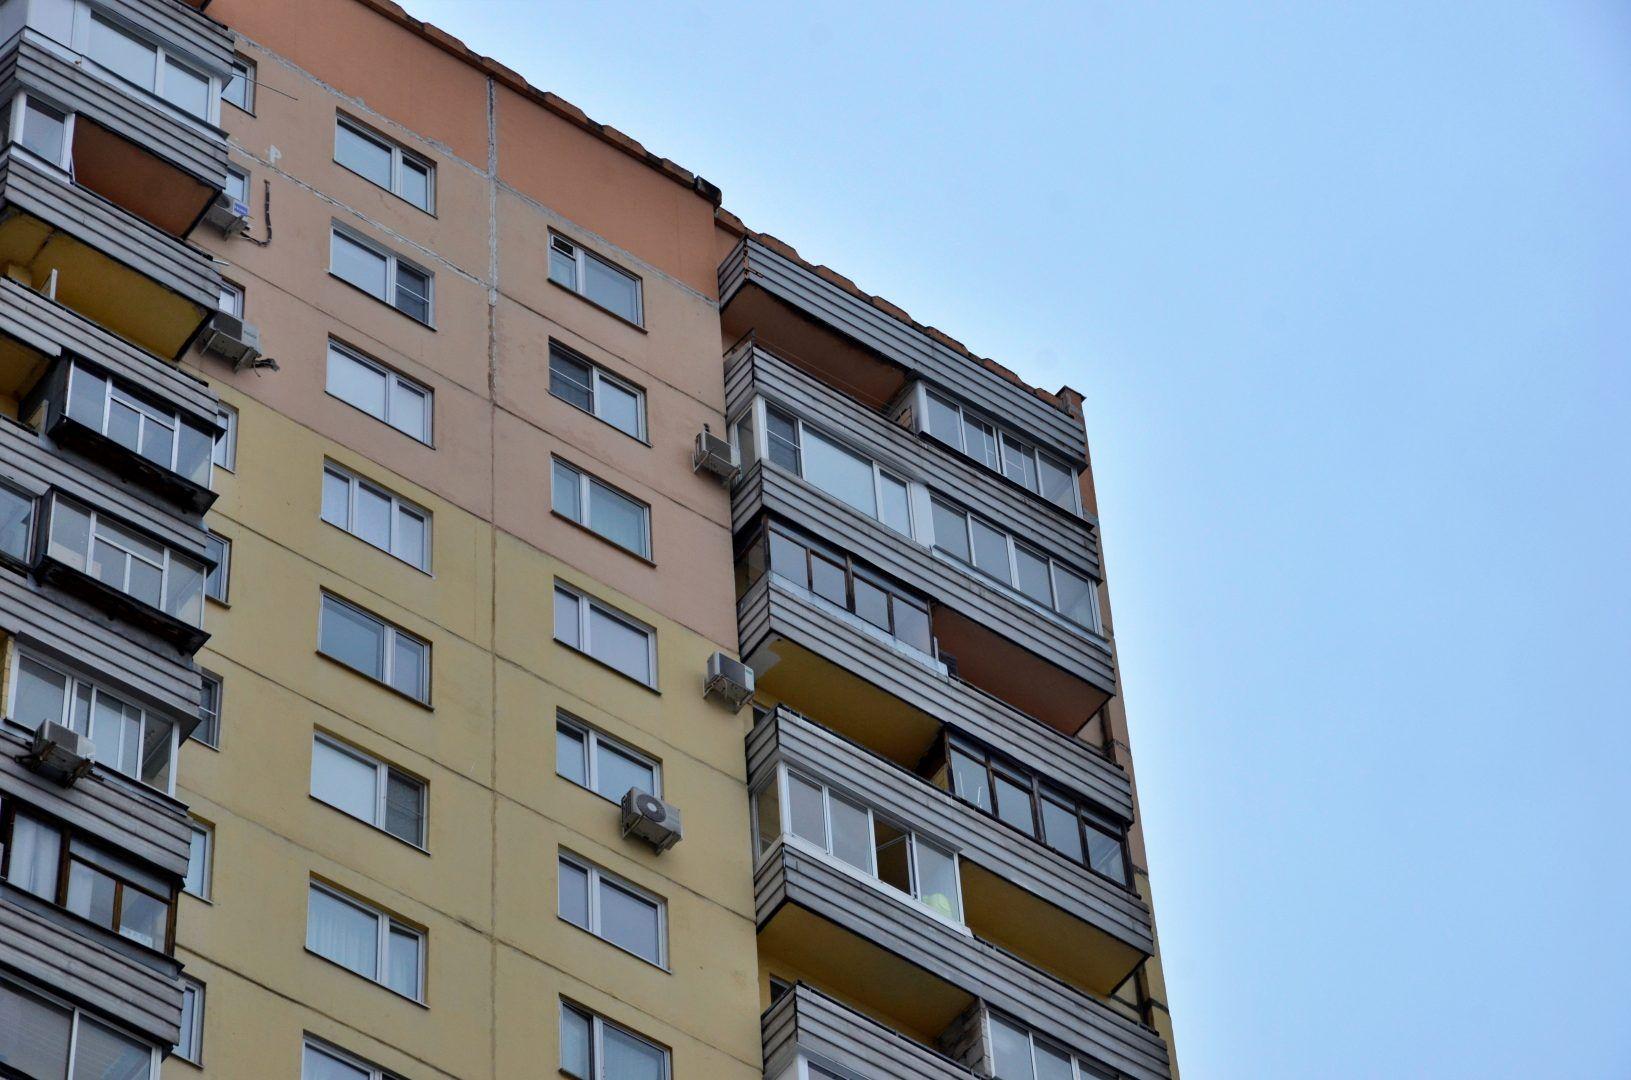 Специалисты проверят безопасность жилых домов в Кленовском. Фото: Анна Быкова